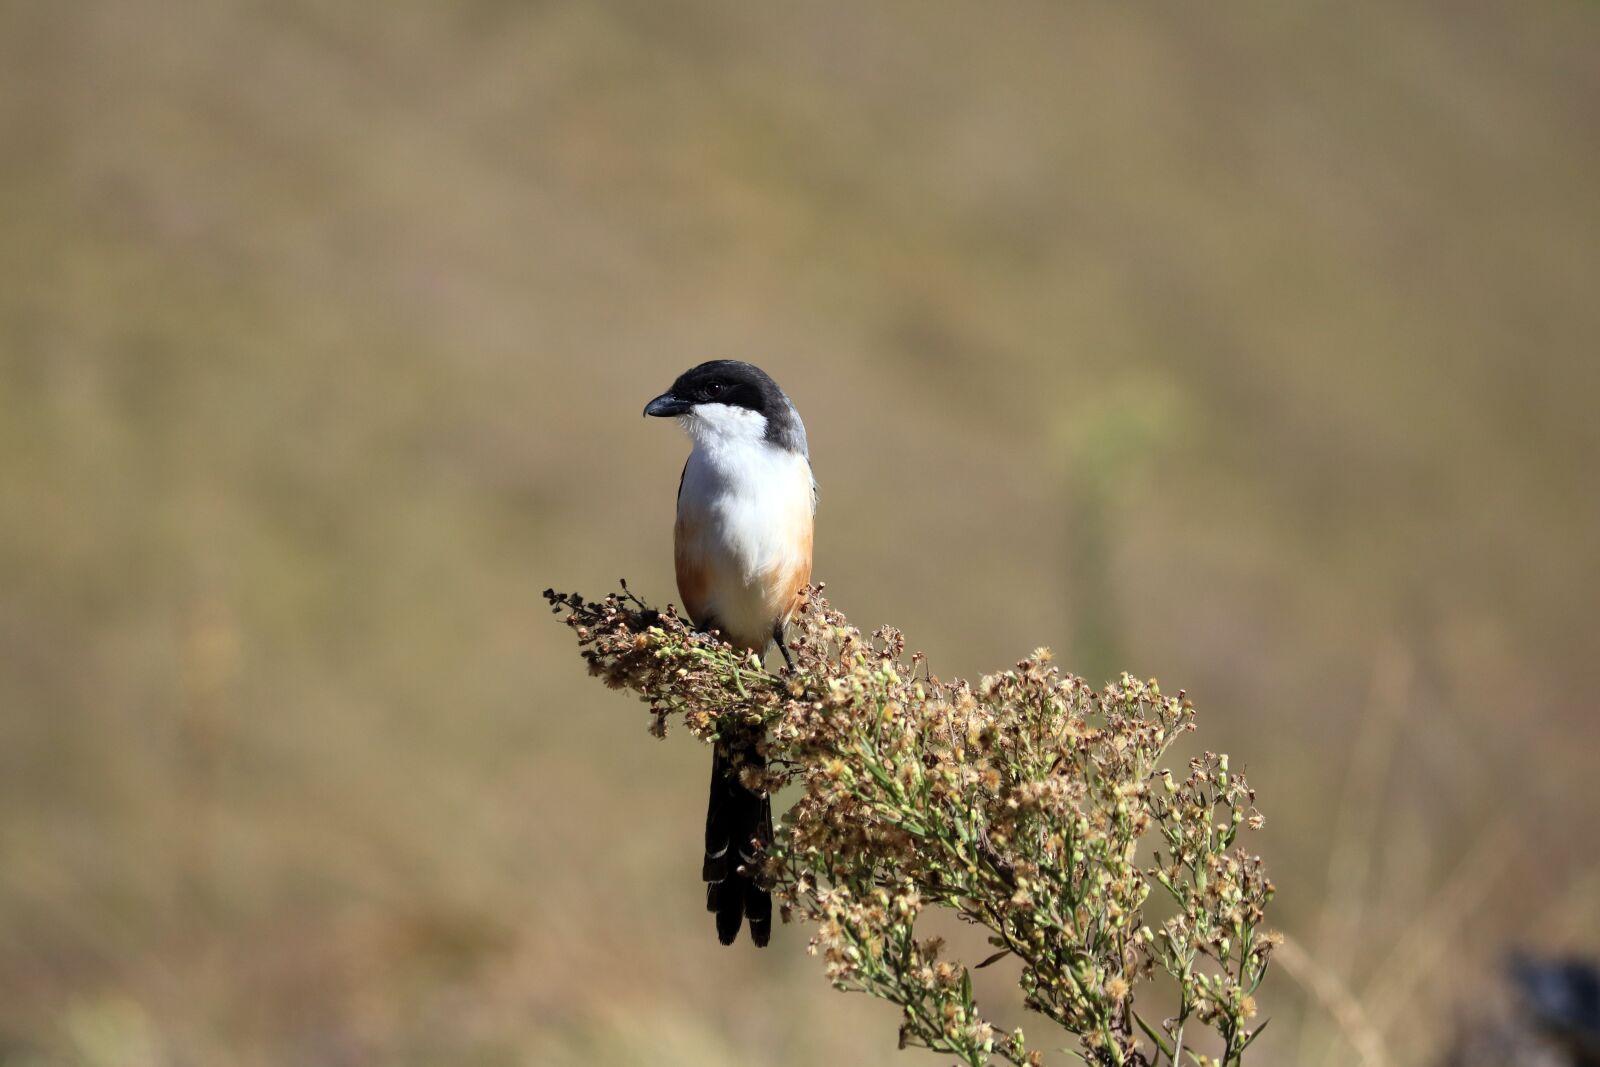 """Canon EOS 760D (EOS Rebel T6s / EOS 8000D) sample photo. """"Bird, perched, small bird"""" photography"""